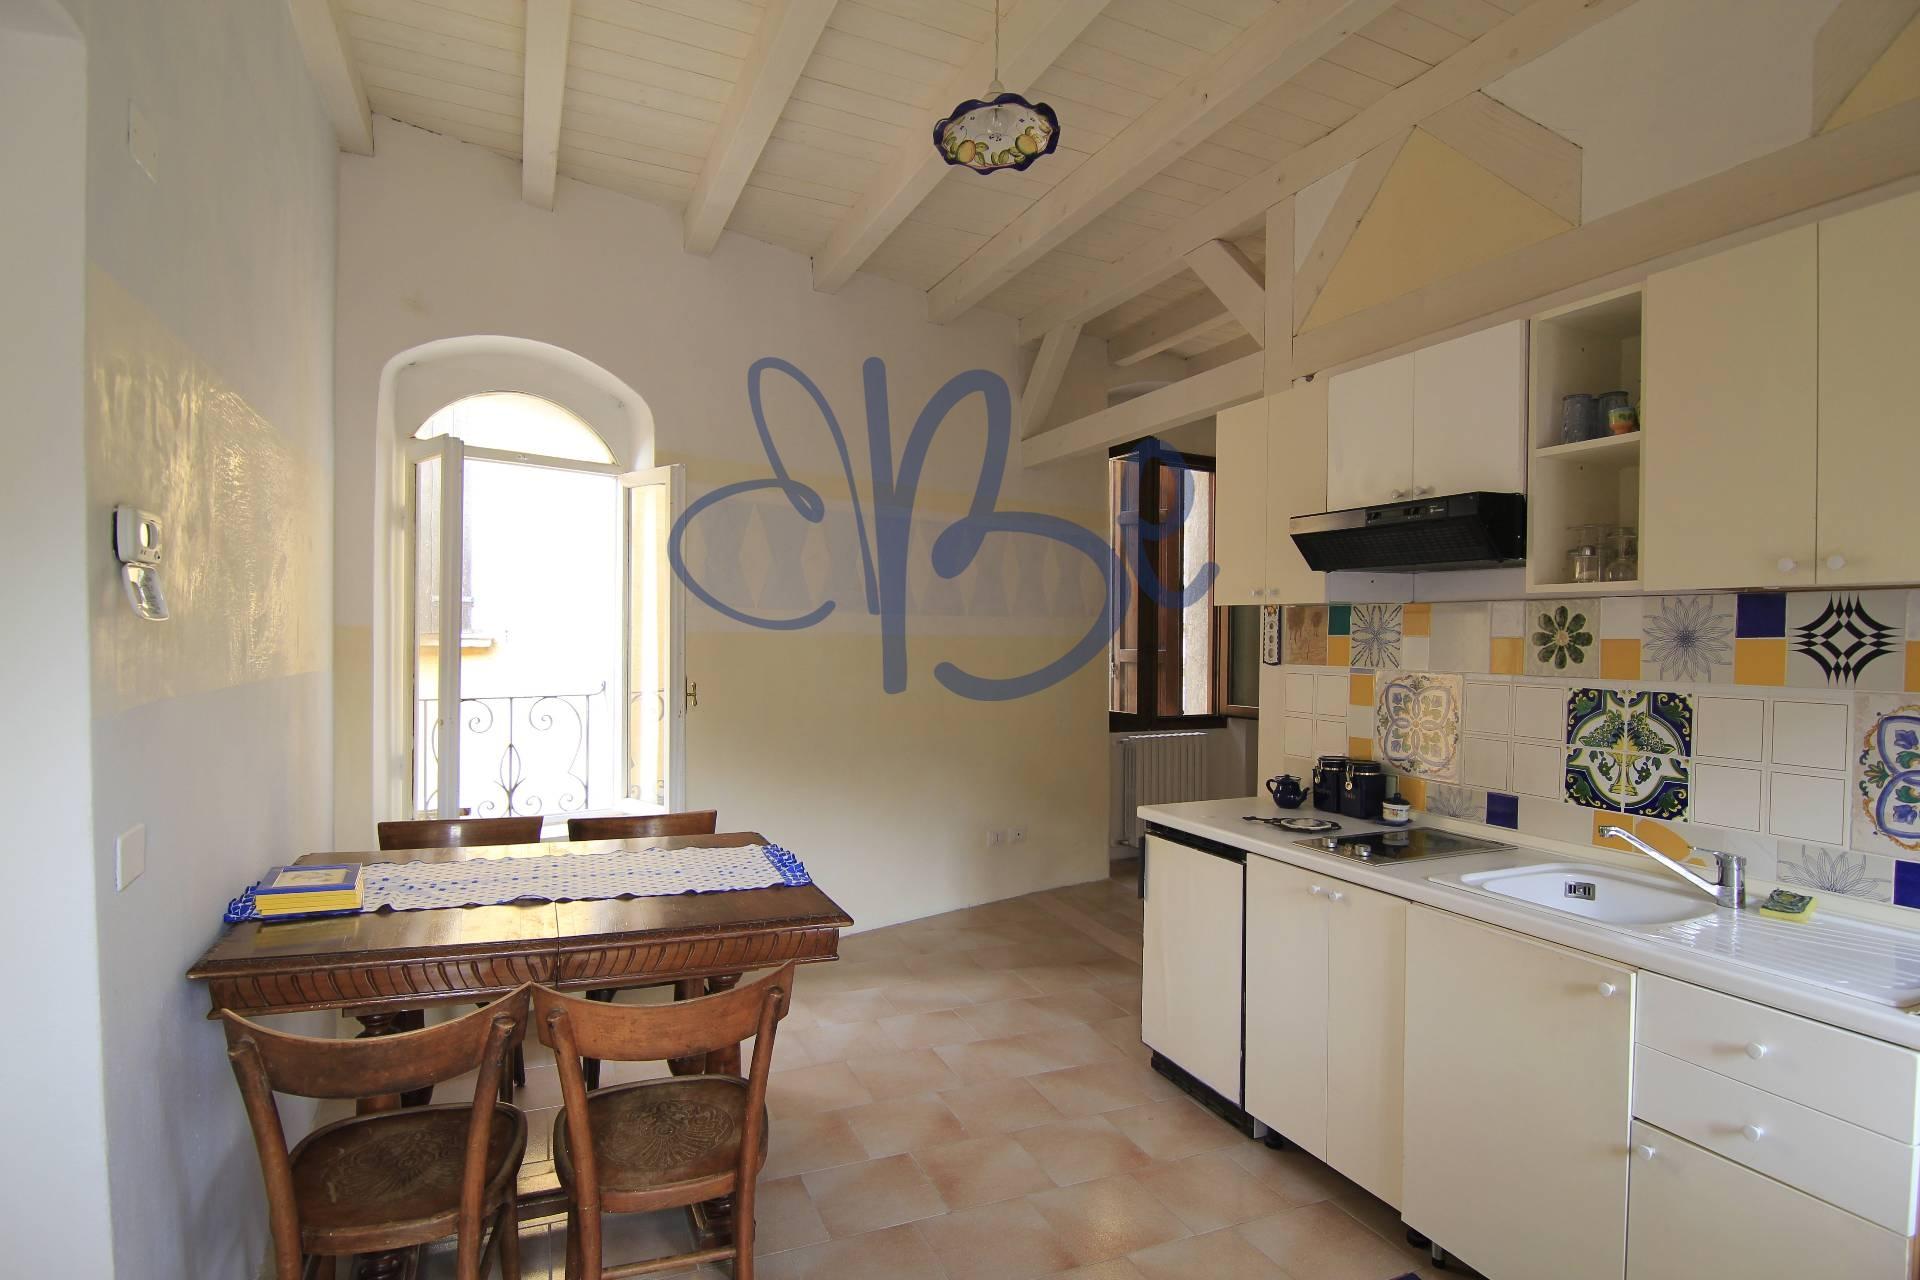 Appartamento in affitto a Roè Volciano, 1 locali, zona Zona: Trobiolo, prezzo € 400 | Cambio Casa.it